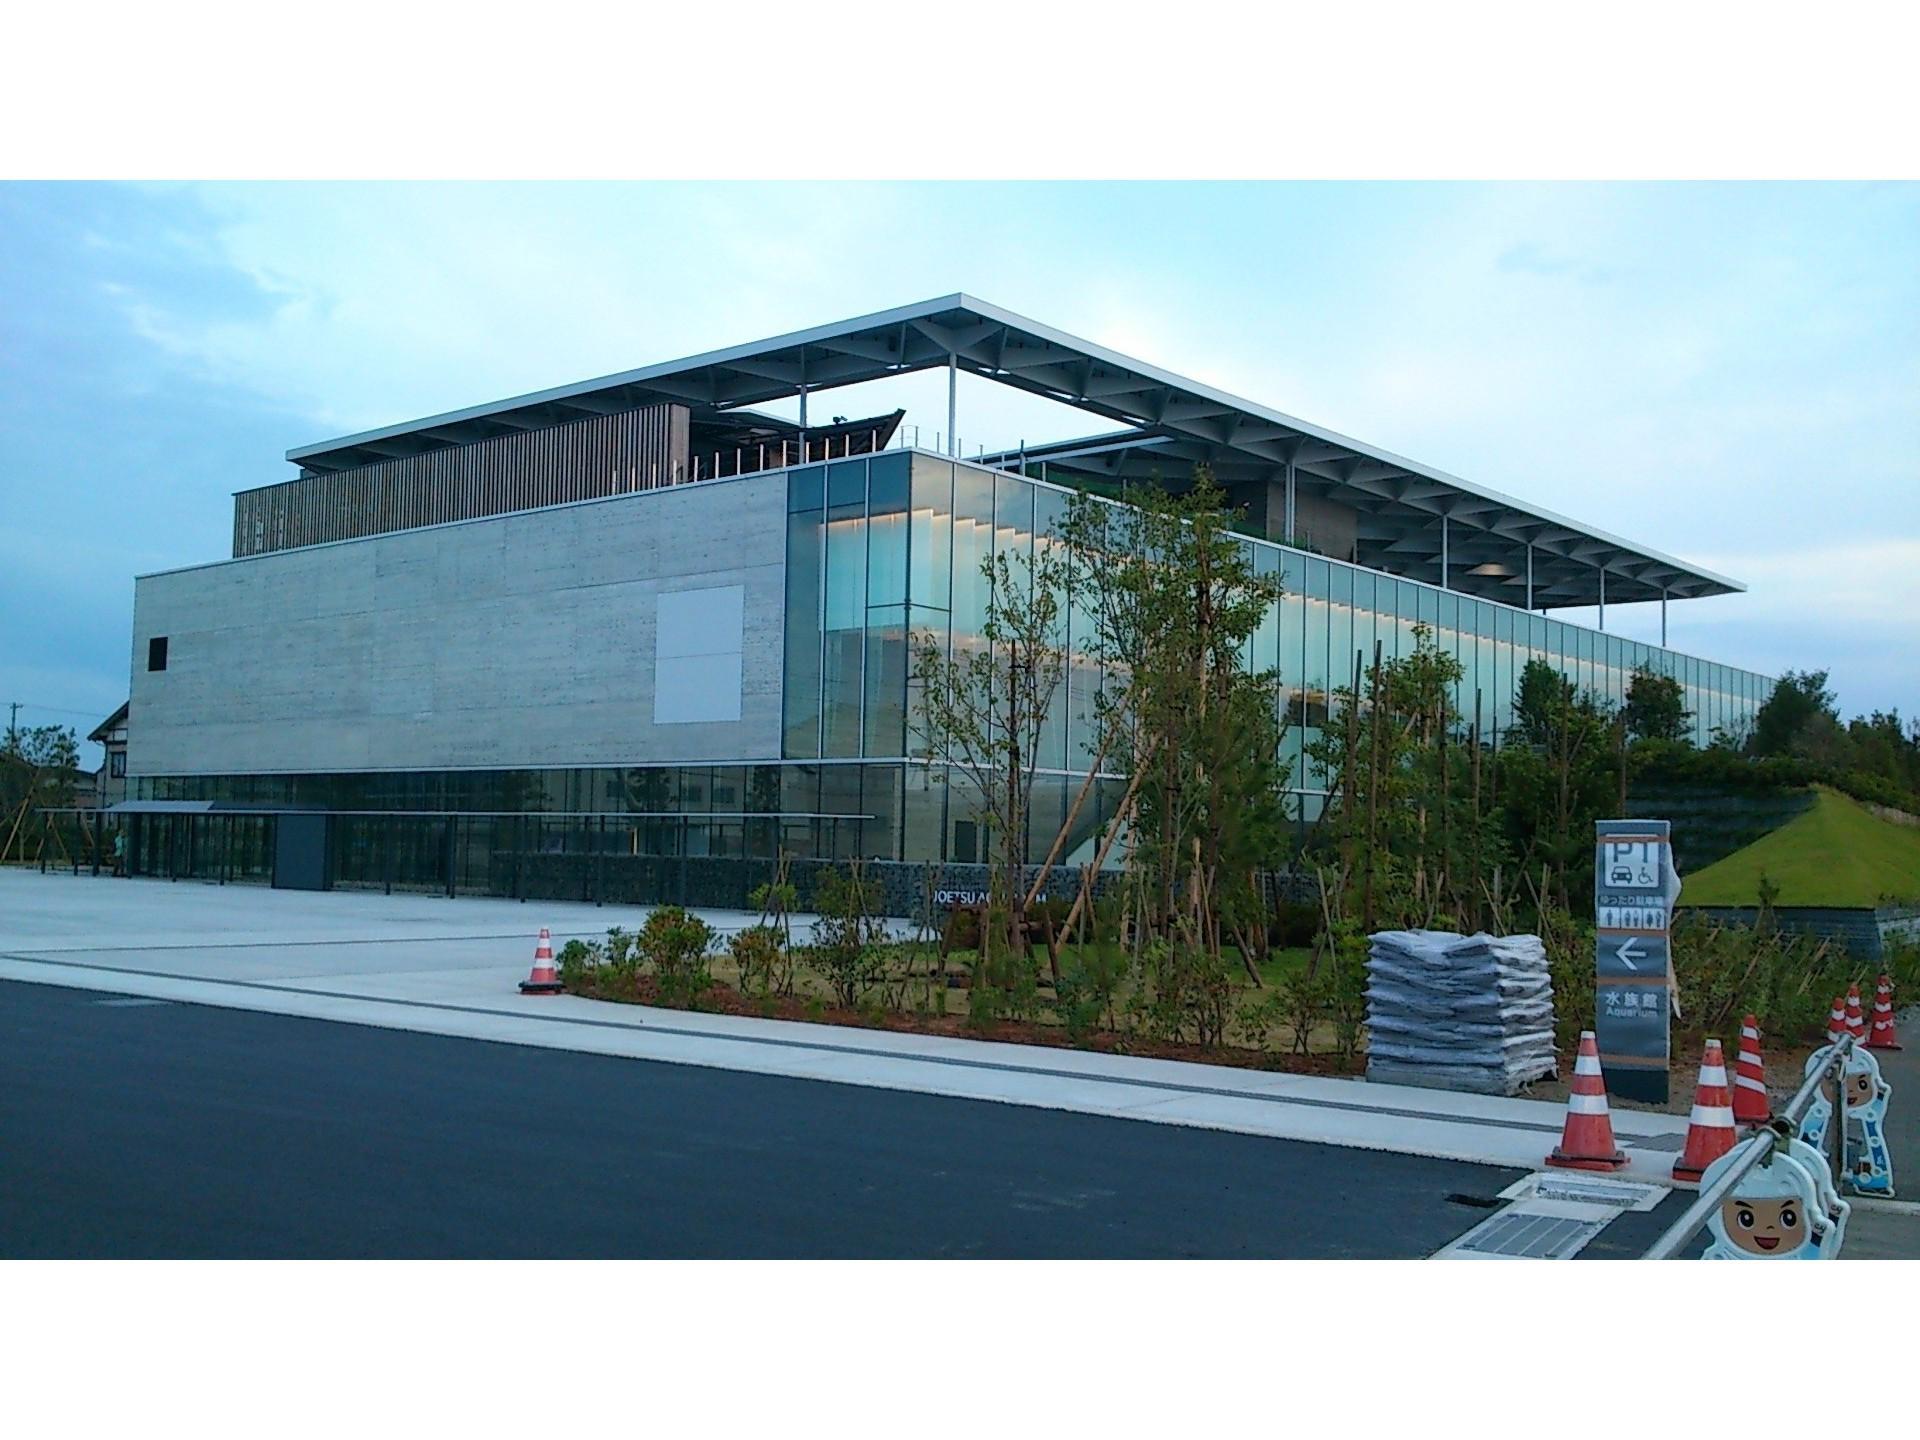 上越市水族博物館